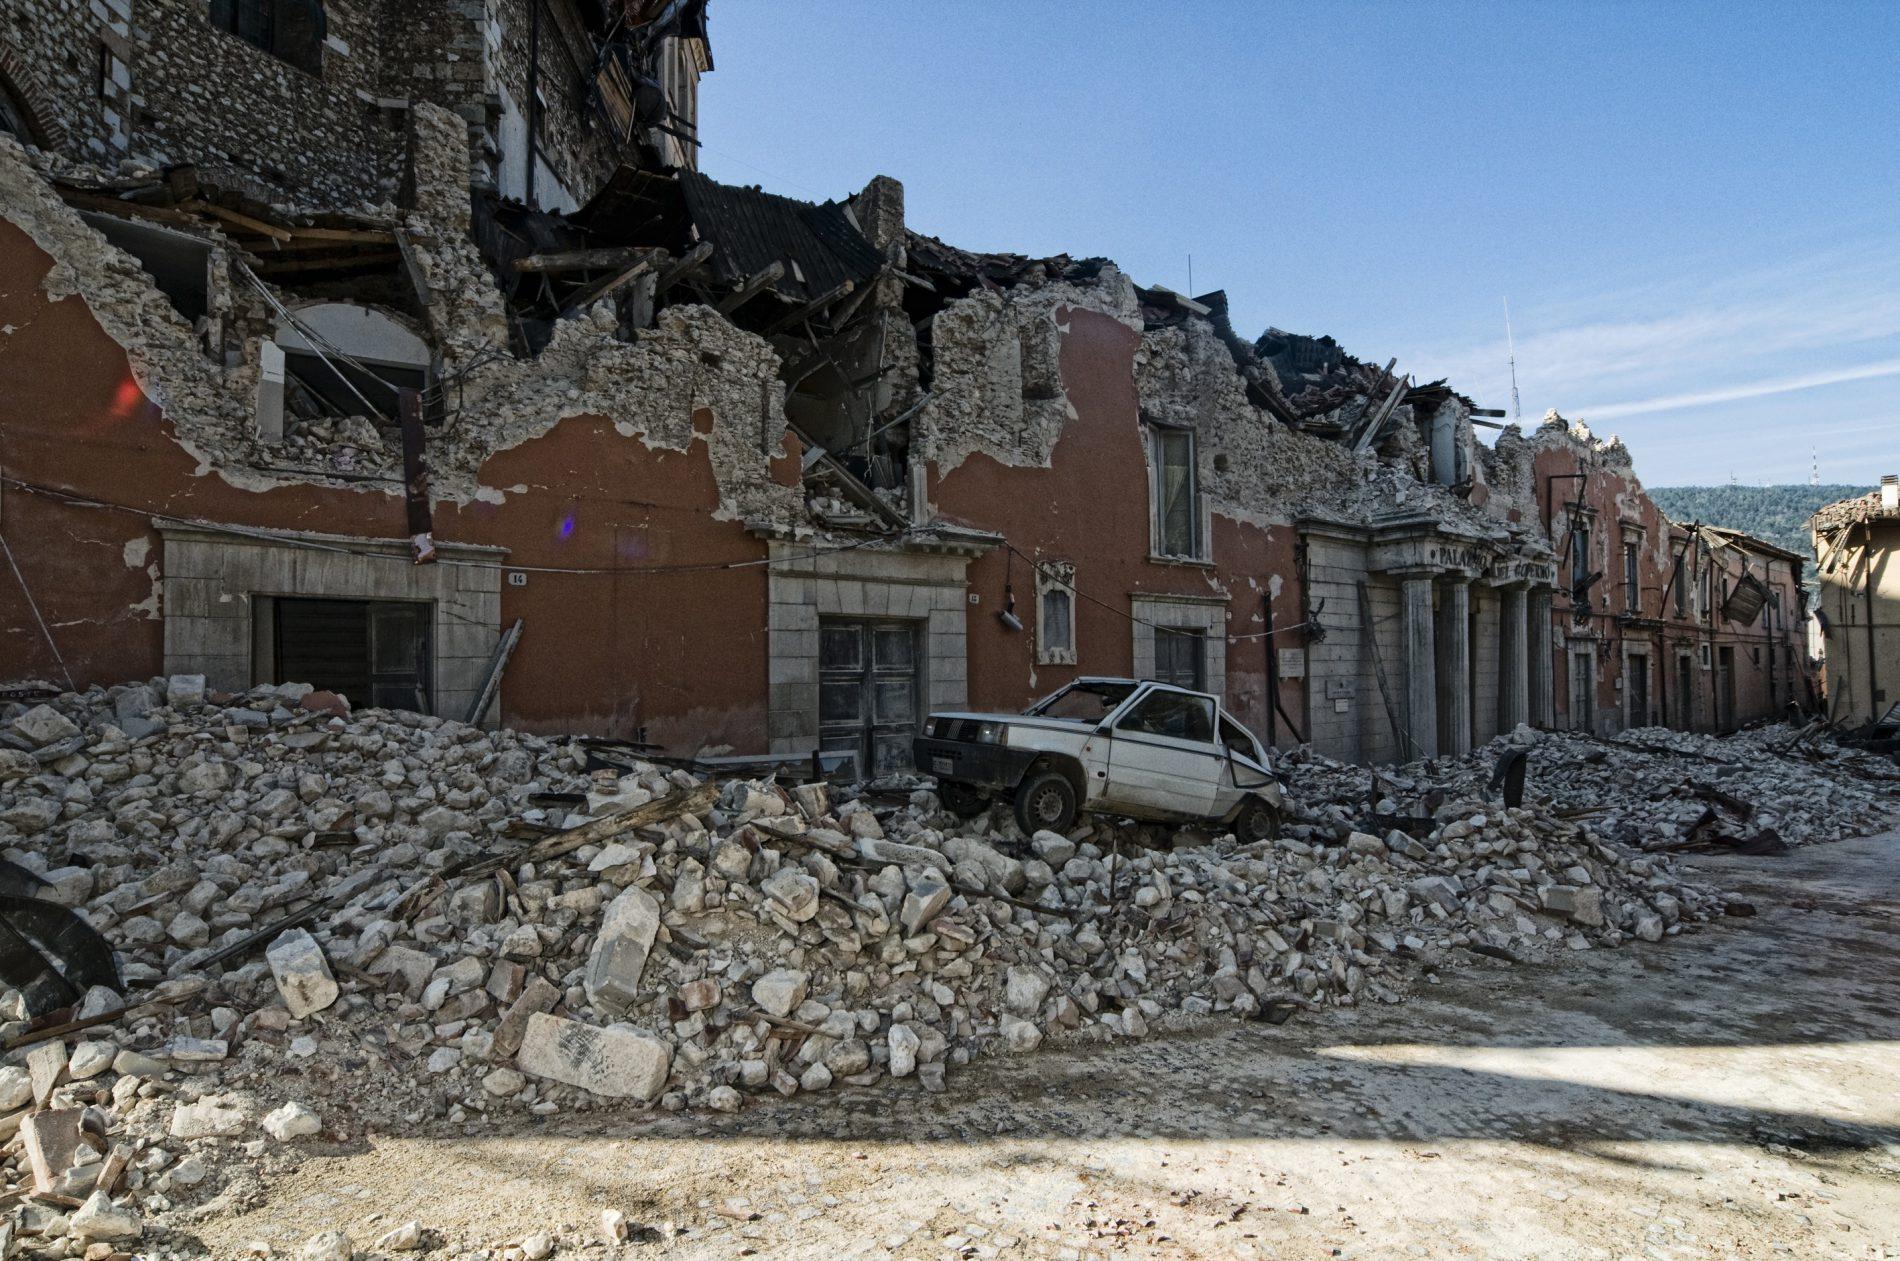 Nuovo Sismabonus: dubbi e incertezze sulle zone sismiche